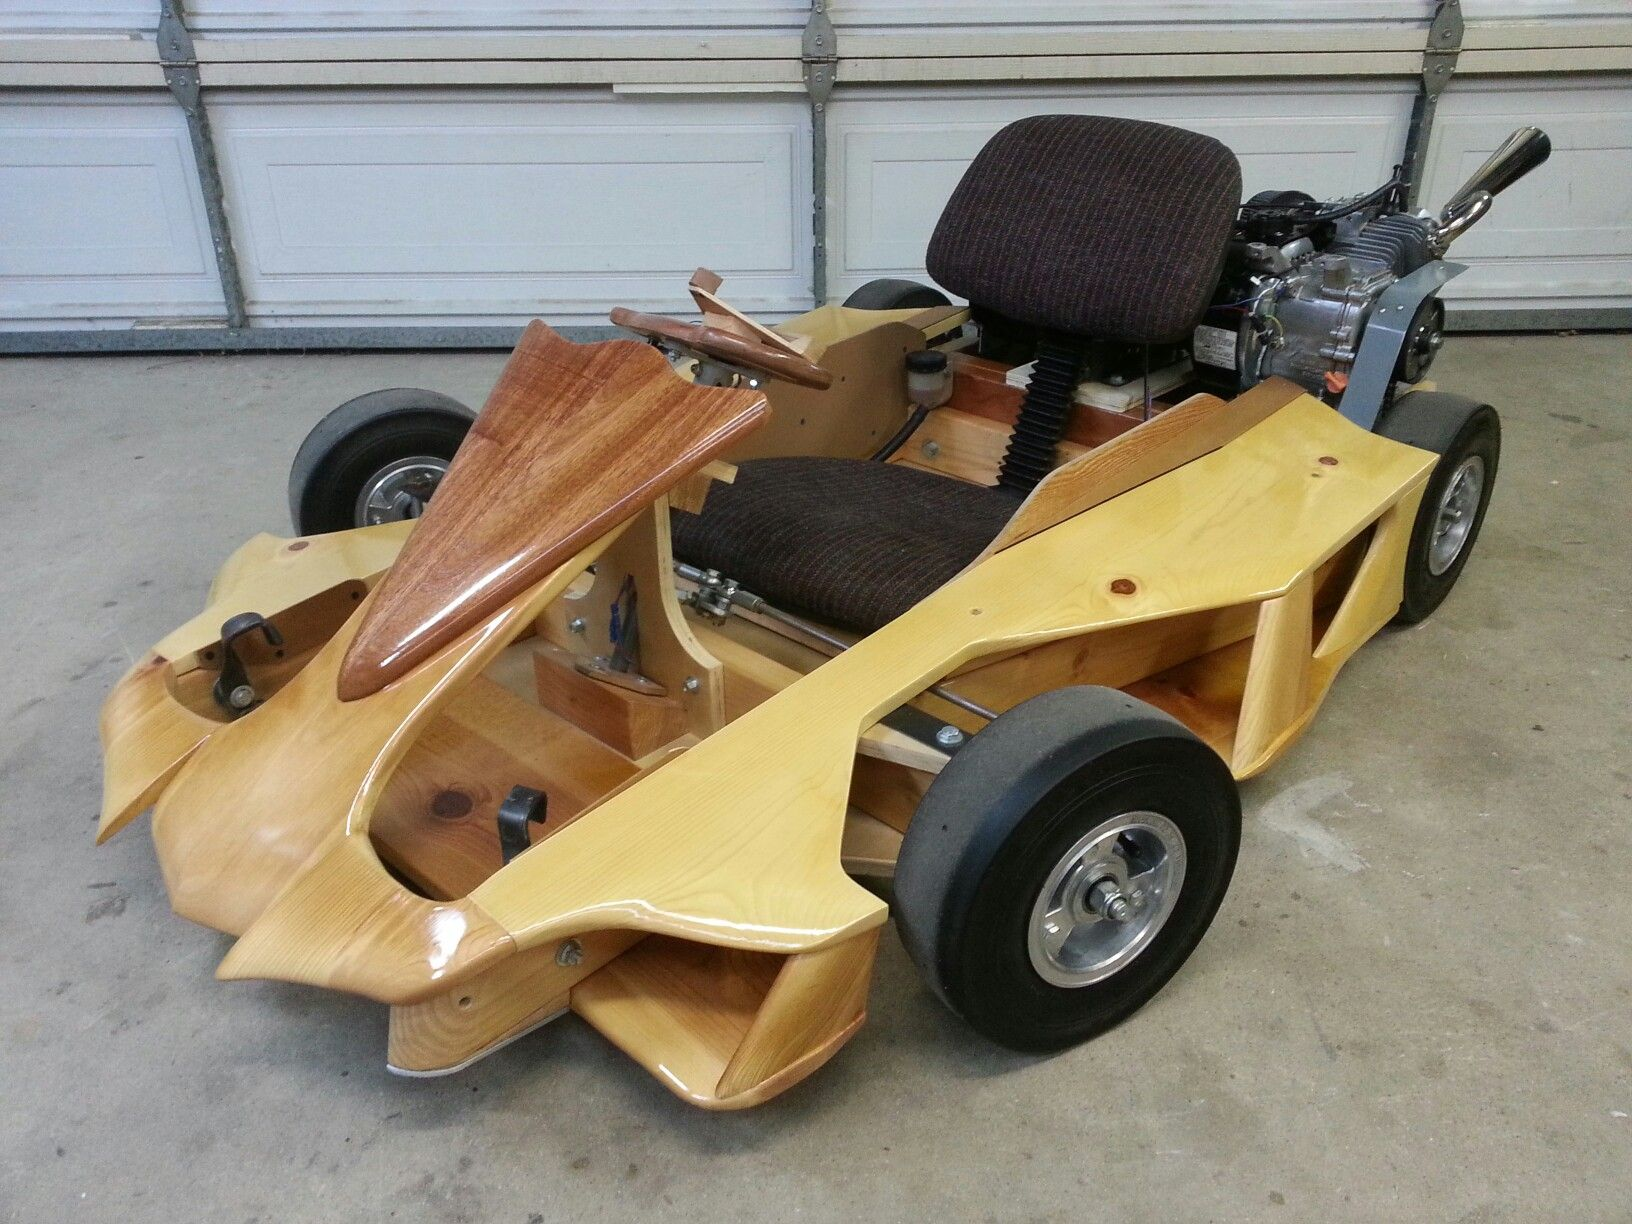 Pin De Remco Vliegen Em Wooden Gocarts Kart De Madeira Carros Para Criancas Projetos De Brinquedos